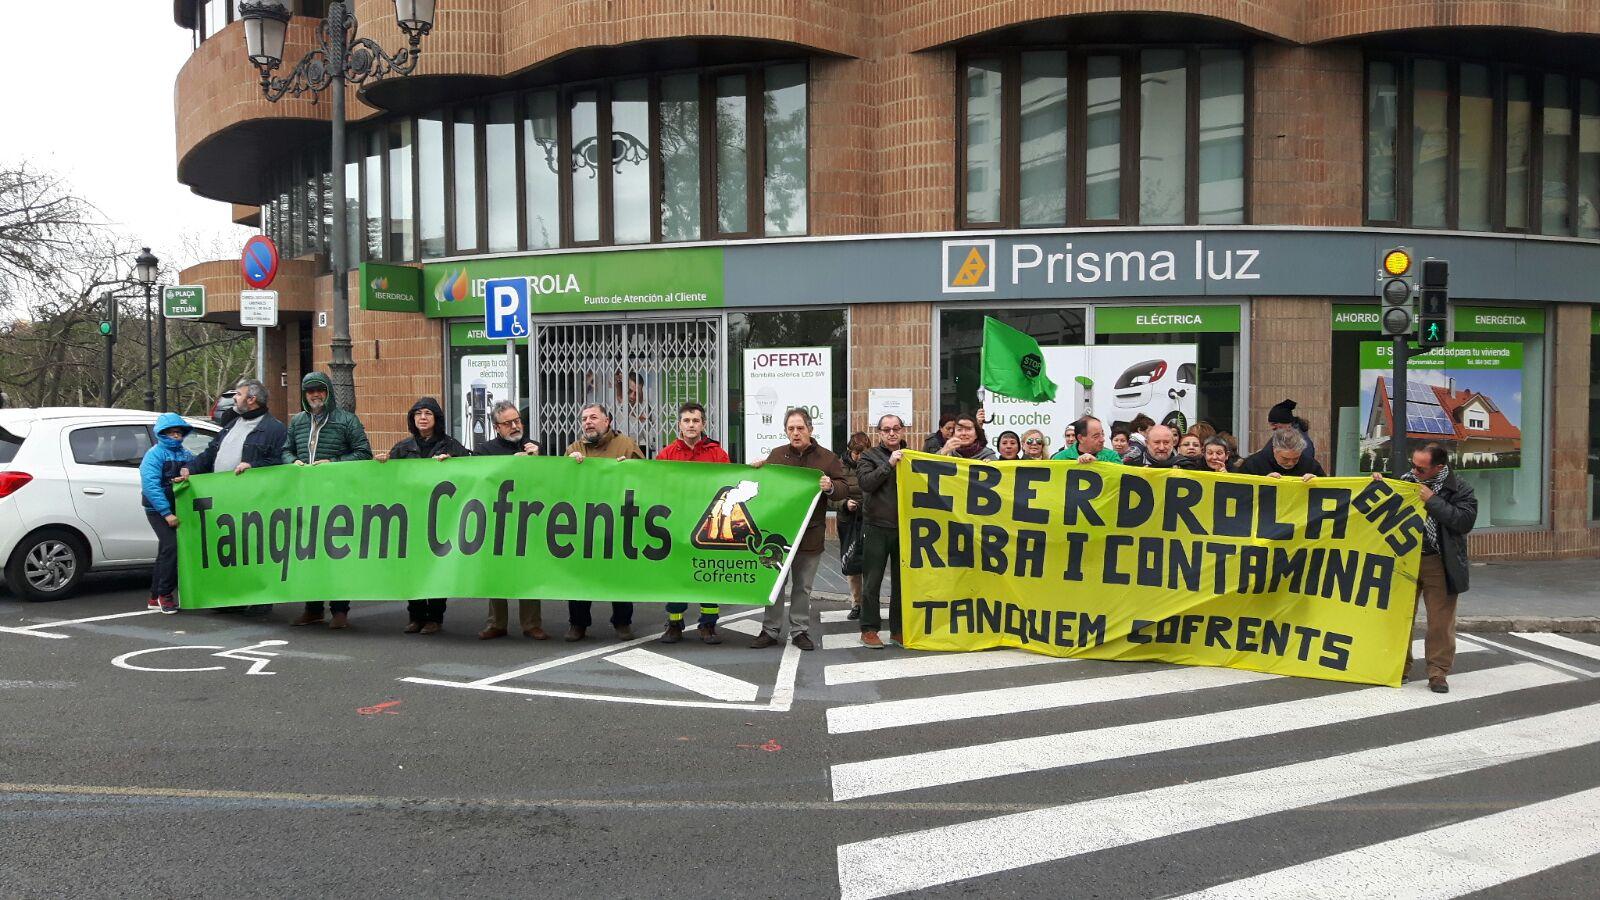 Concentració en contra de la pujada dels preus de la llum i de la contaminació de les elèctriques, el 11 de febrer